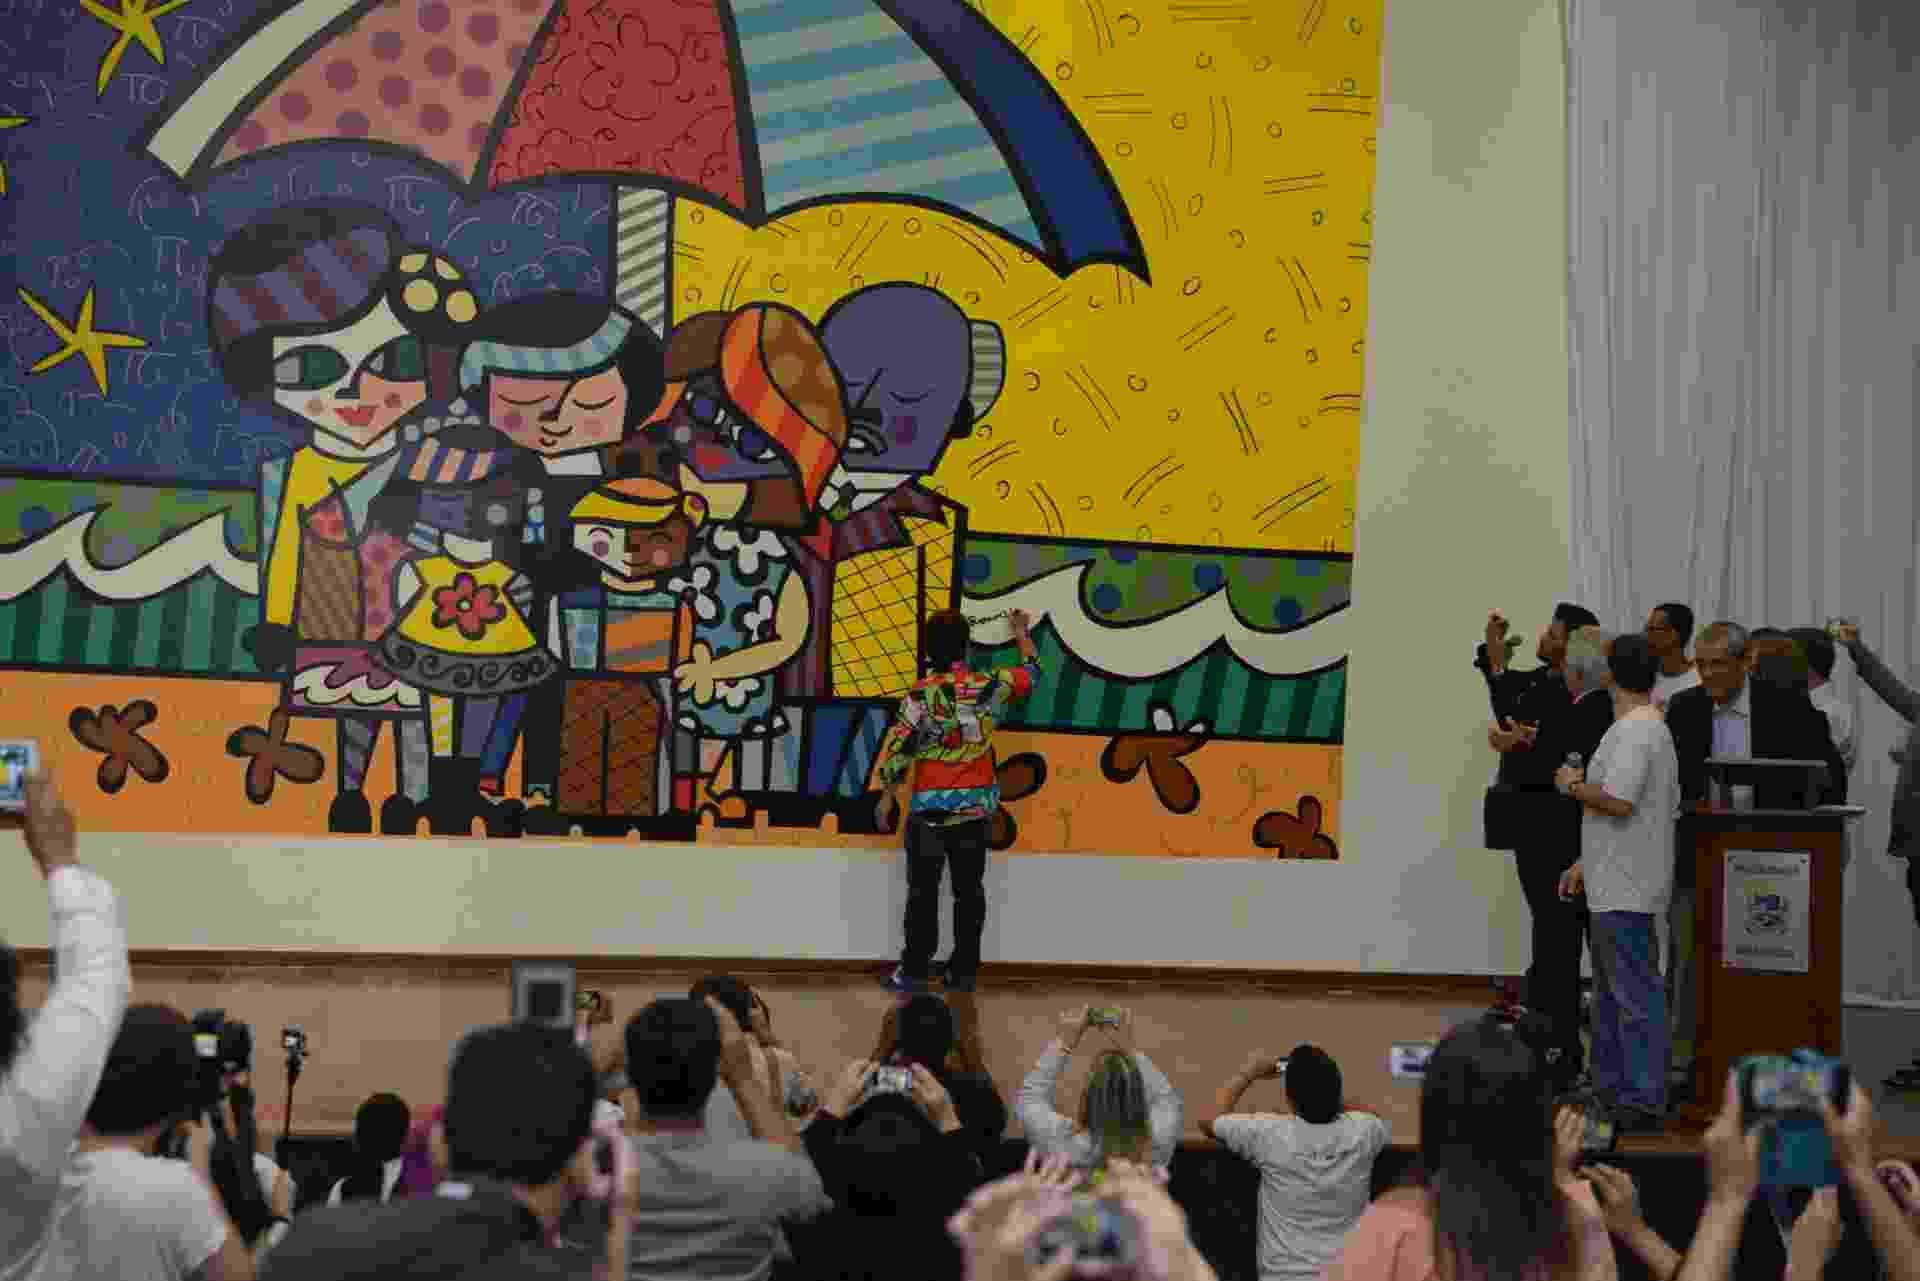 25.out.2015 - O artista Romero Britto participou na manhã deste domingo da inauguração de seu maior painel que ficará exposto na Escola José Antonio Bortolozzo - Divulgação